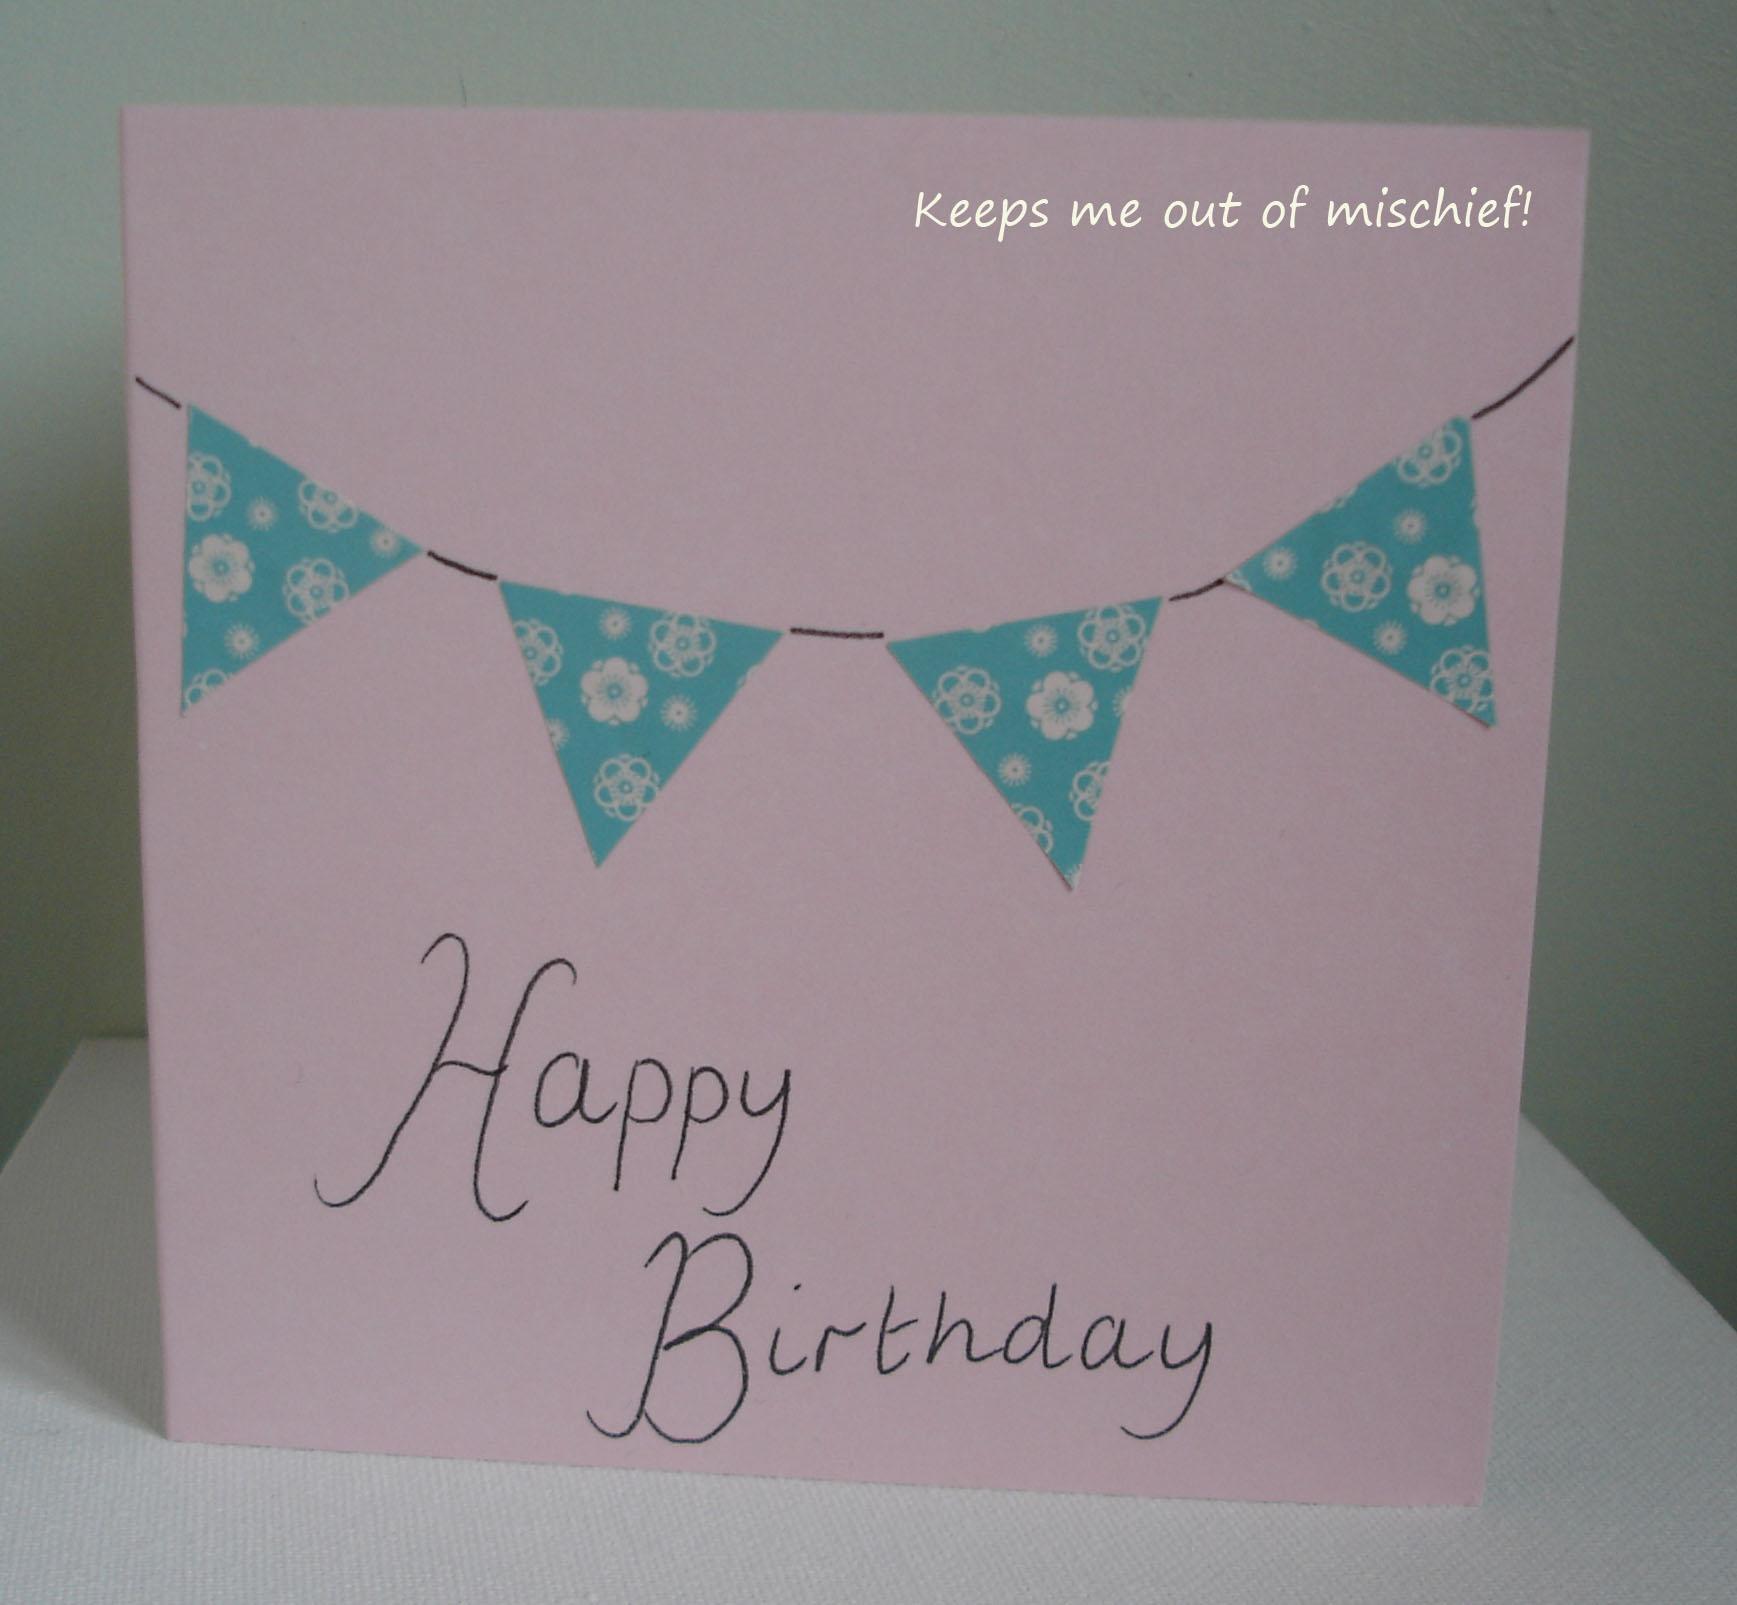 Birthday Card Handmade on Blank Calendar Template 1737